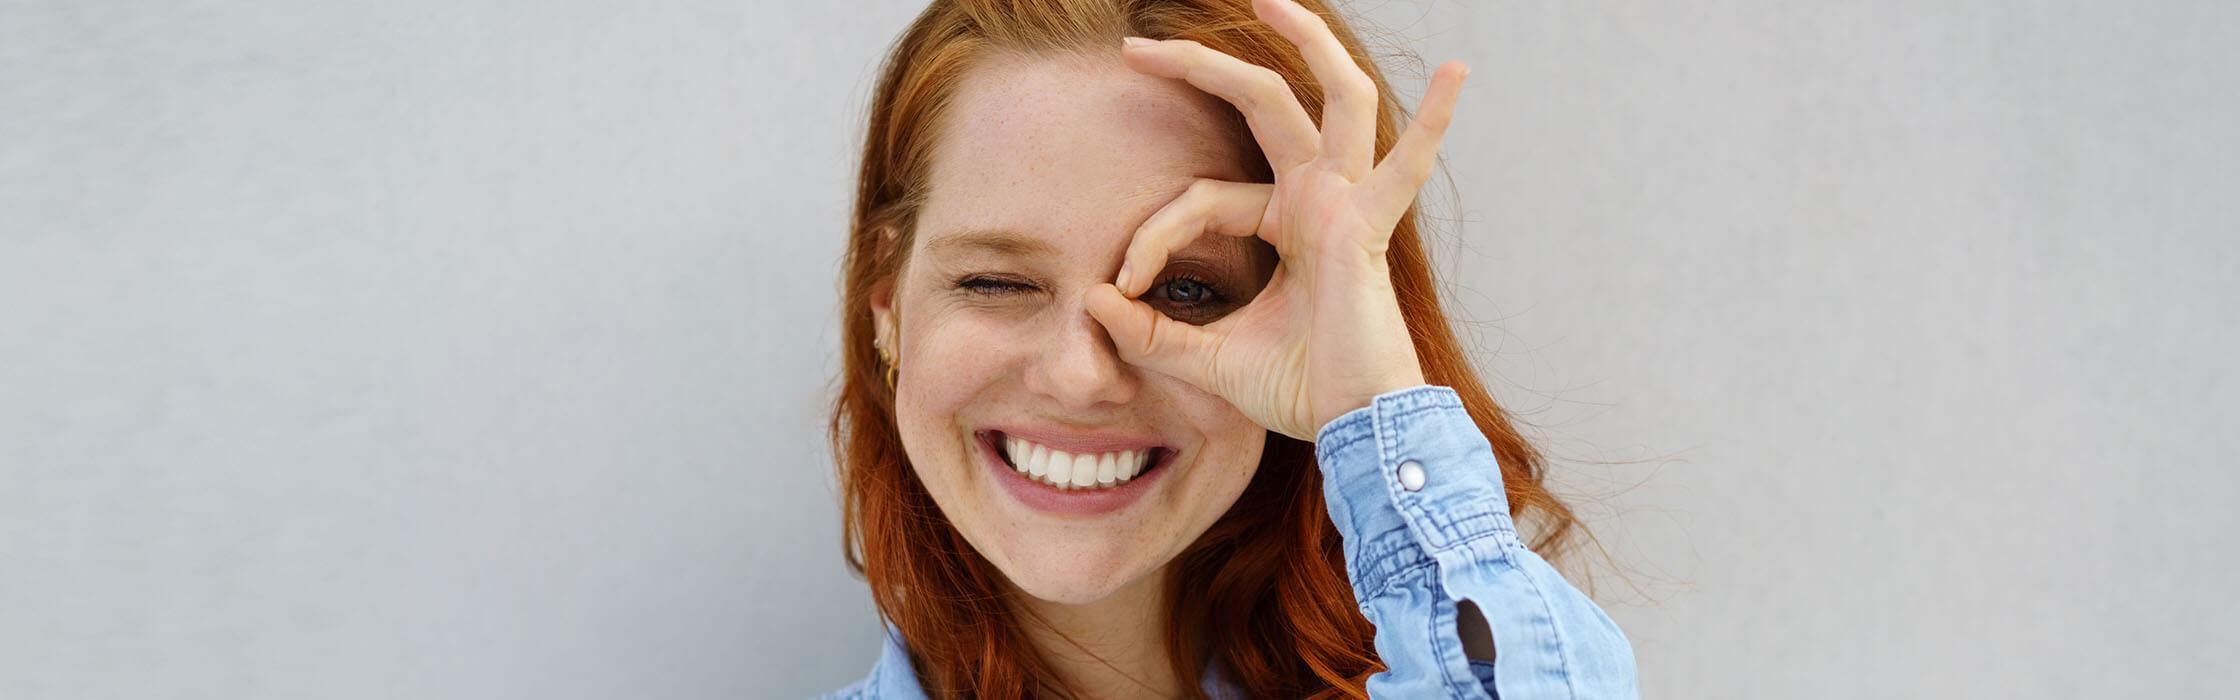 Een lachende vrouw kijkt door haar hand voor haar ogen